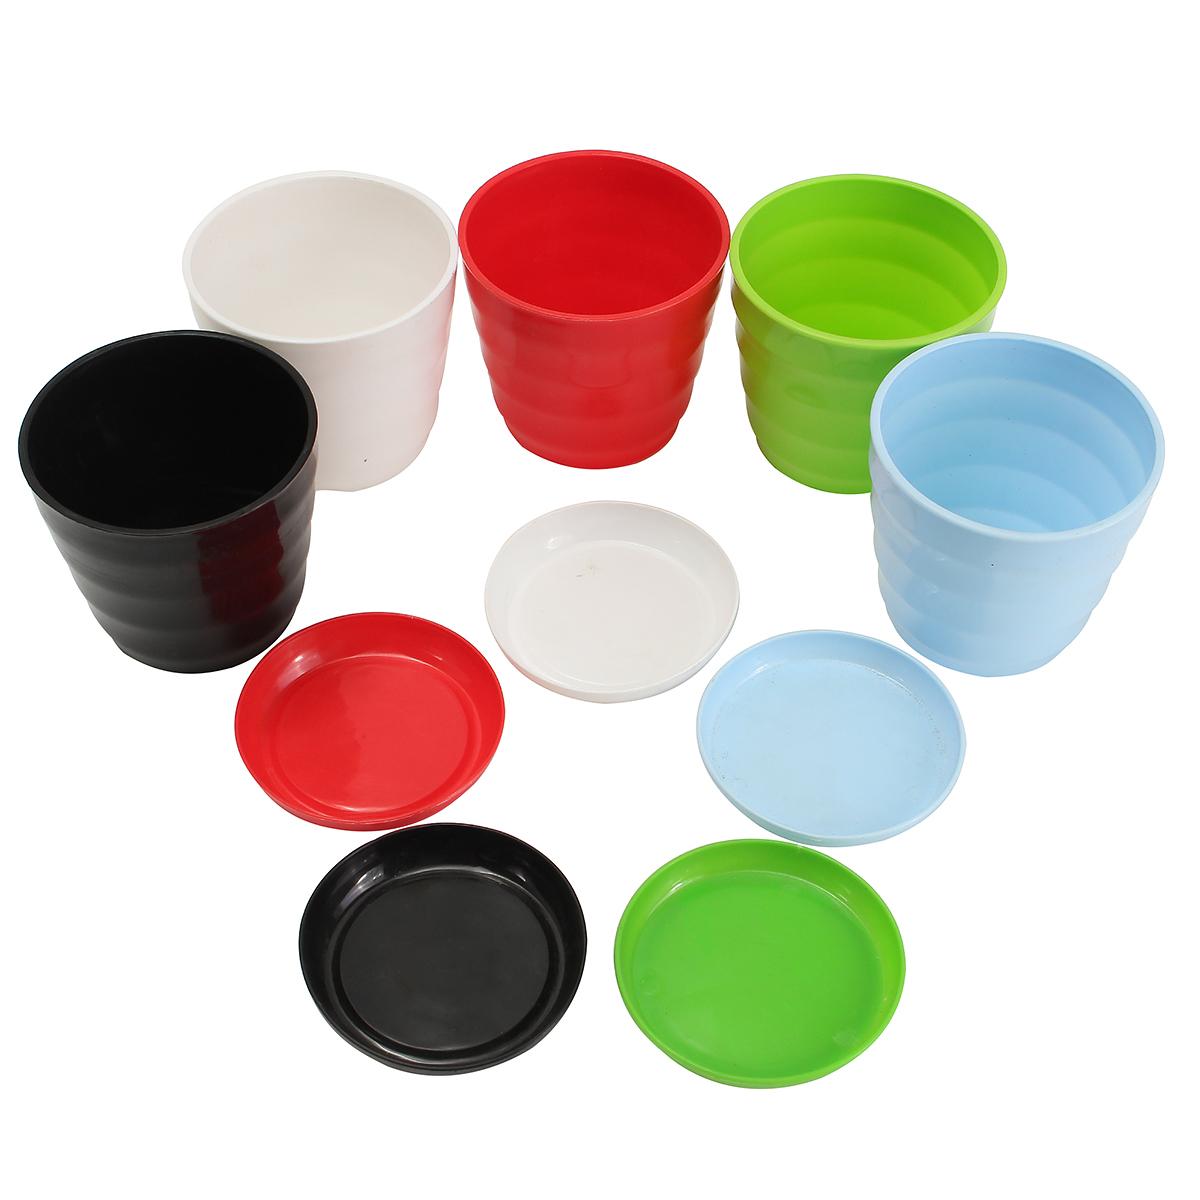 Diy Plastic Container Decoration